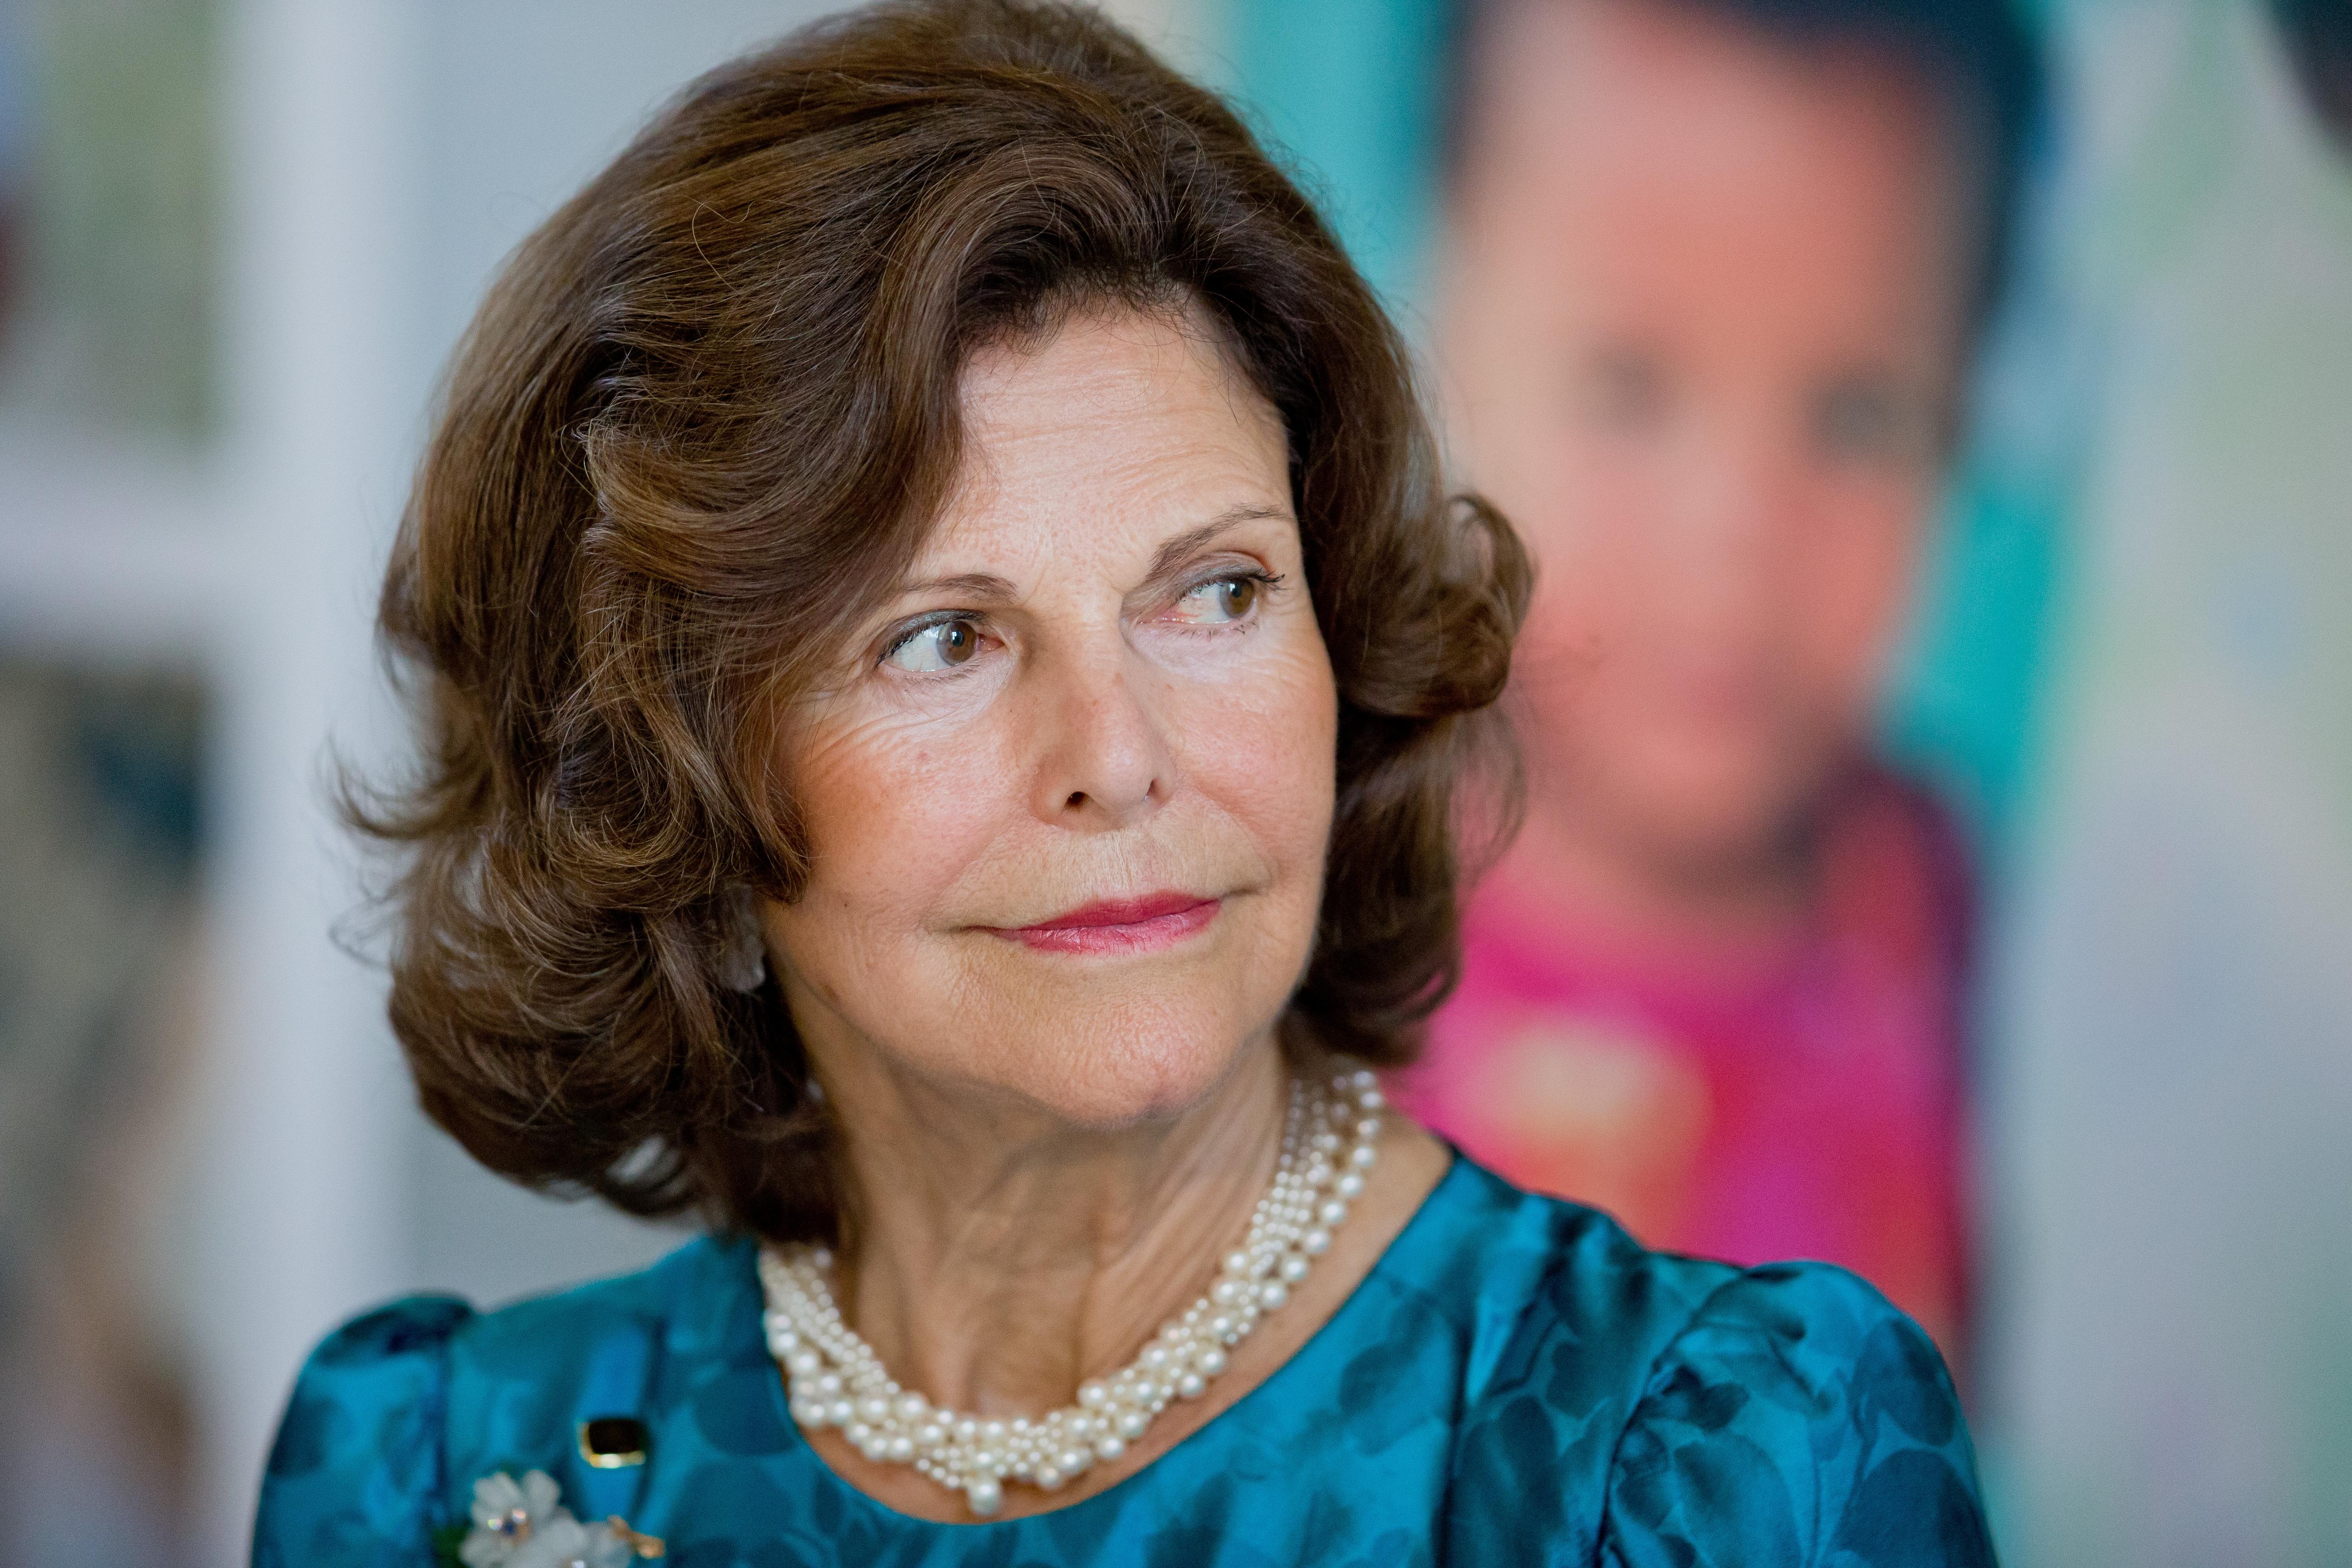 Königin Silvia voin Schweden